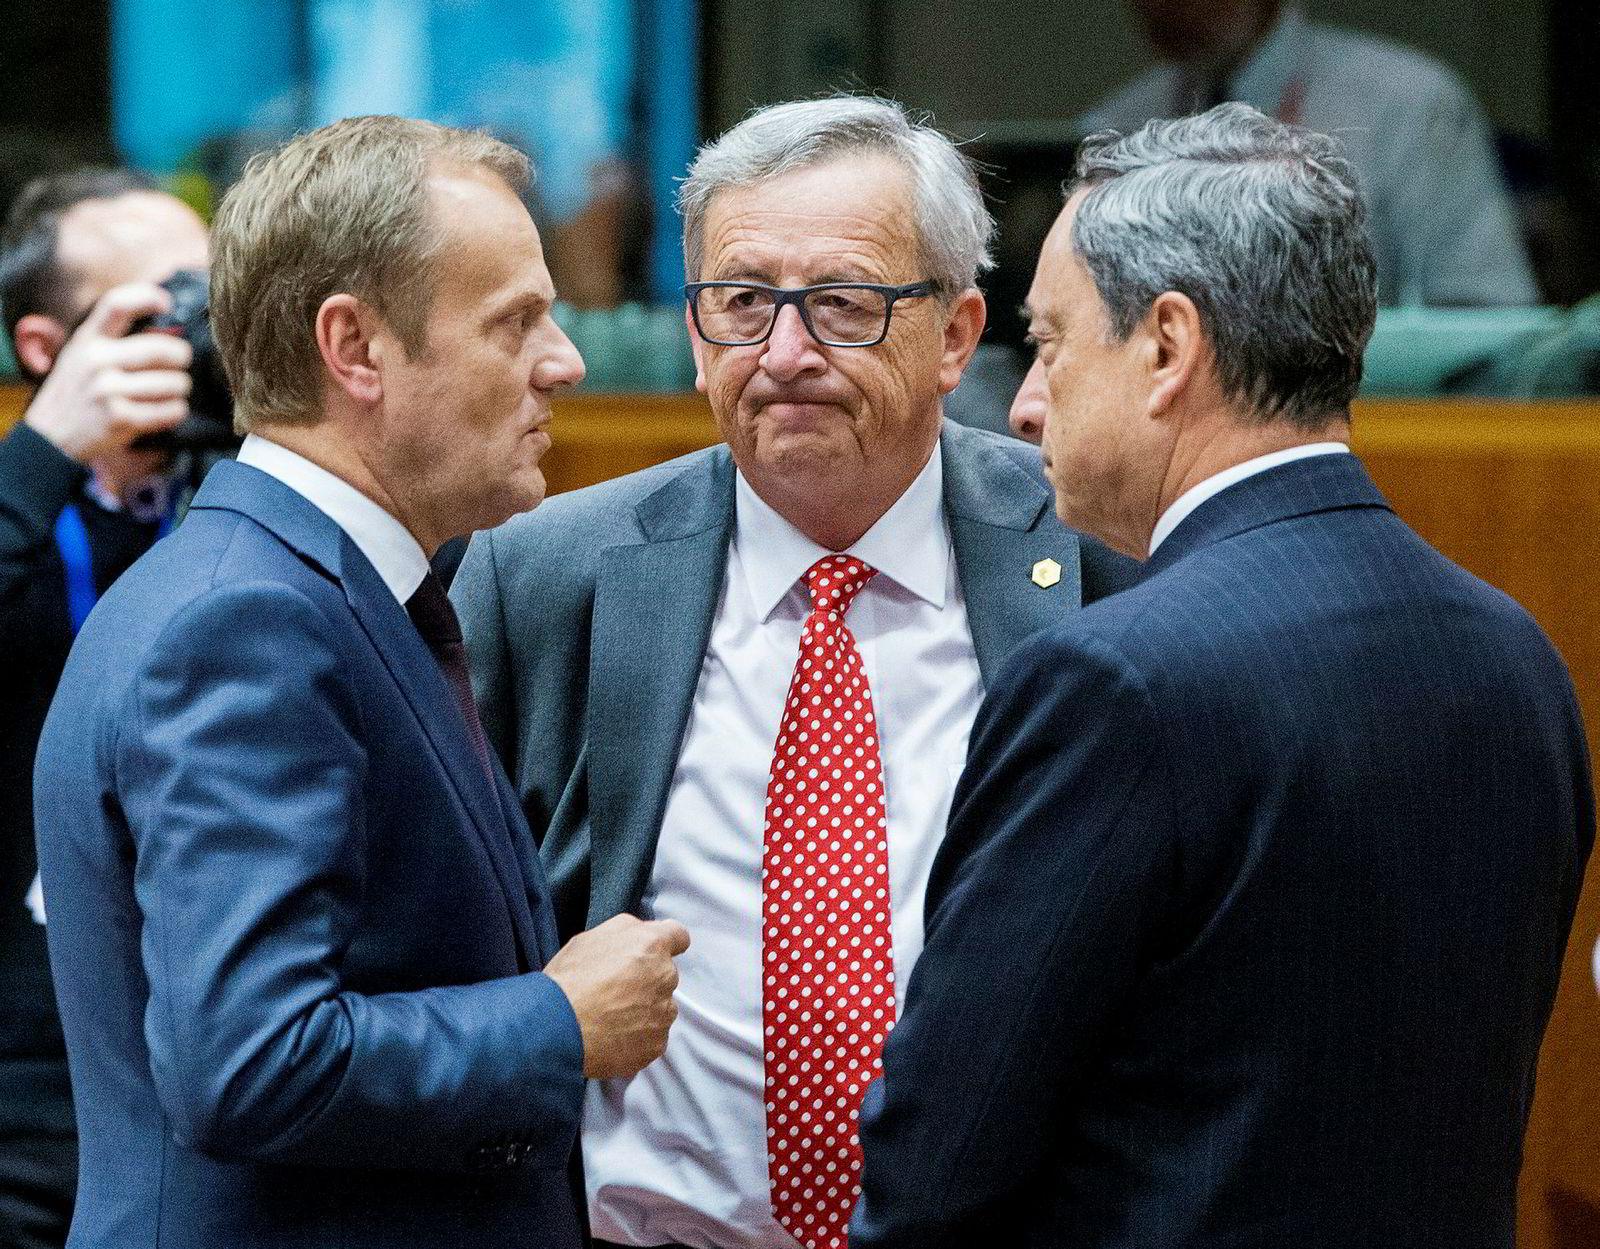 Tre av de mektigste mennene i EU skal skiftes ut i høst: presidenten i Det europeiske råd, Donald Tusk (fra venstre), Europakommisjonens president Jean-Claude Juncker og den europeiske sentralbanksjefen Mario Draghi.